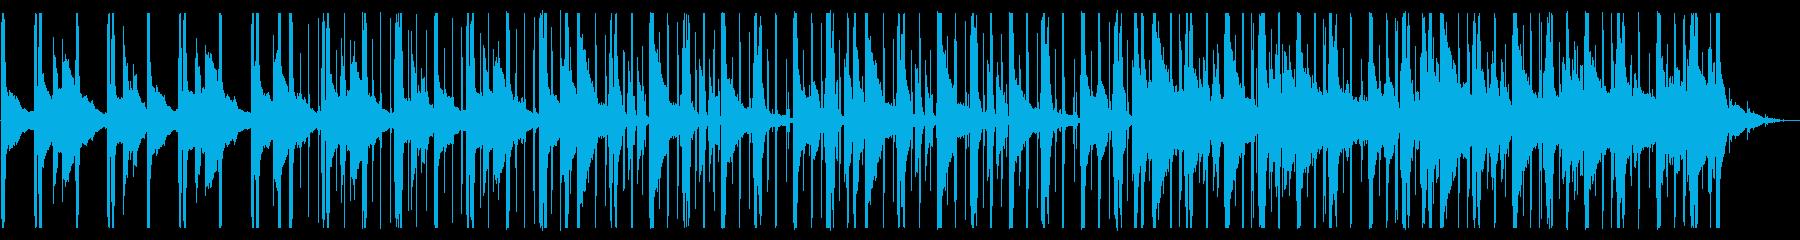 のんびり/Hiphop_No586_2の再生済みの波形